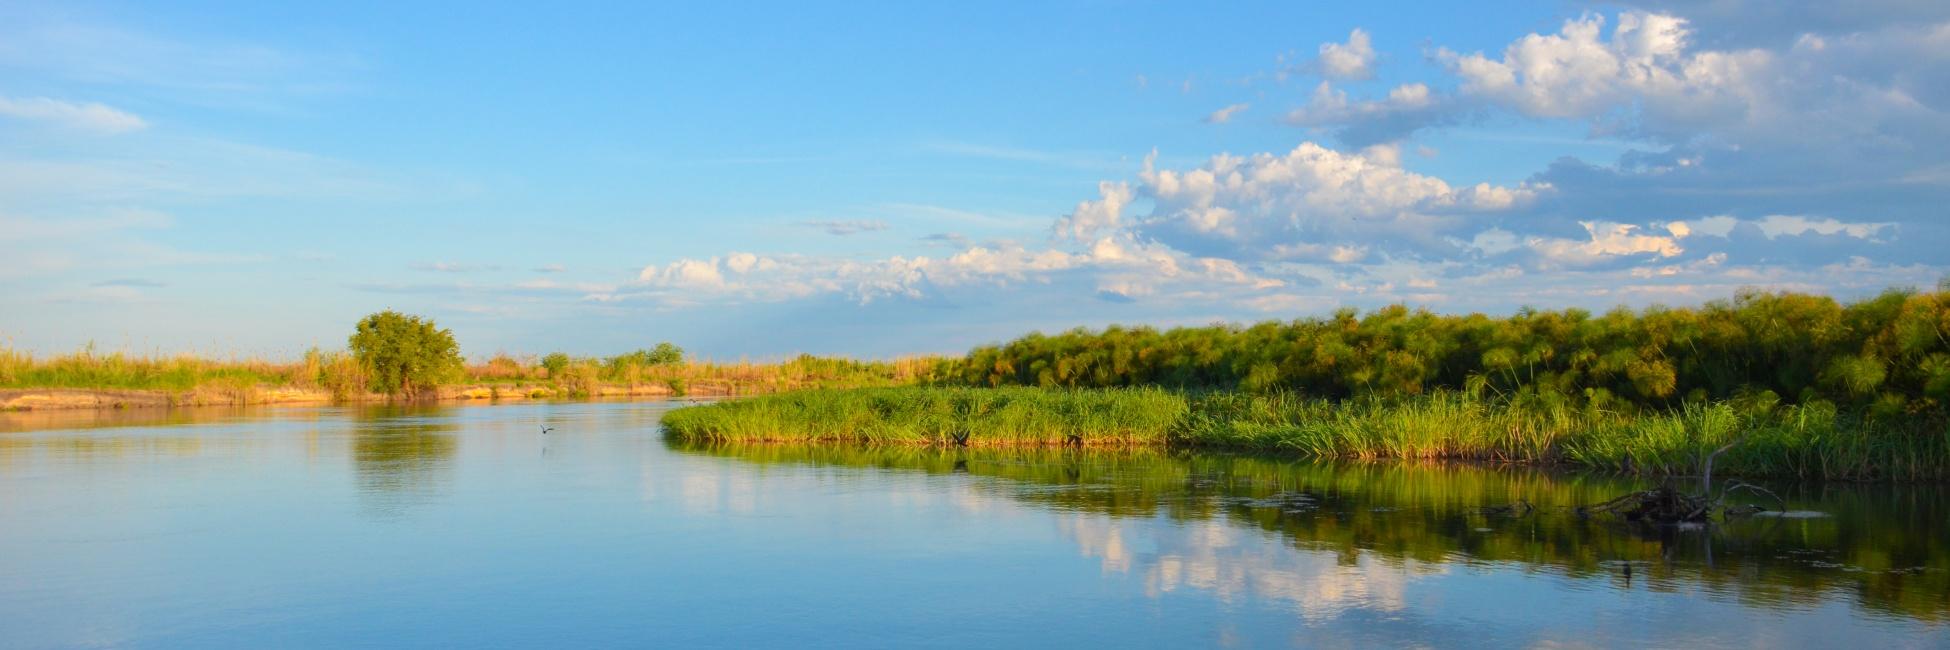 Rivière Chobé